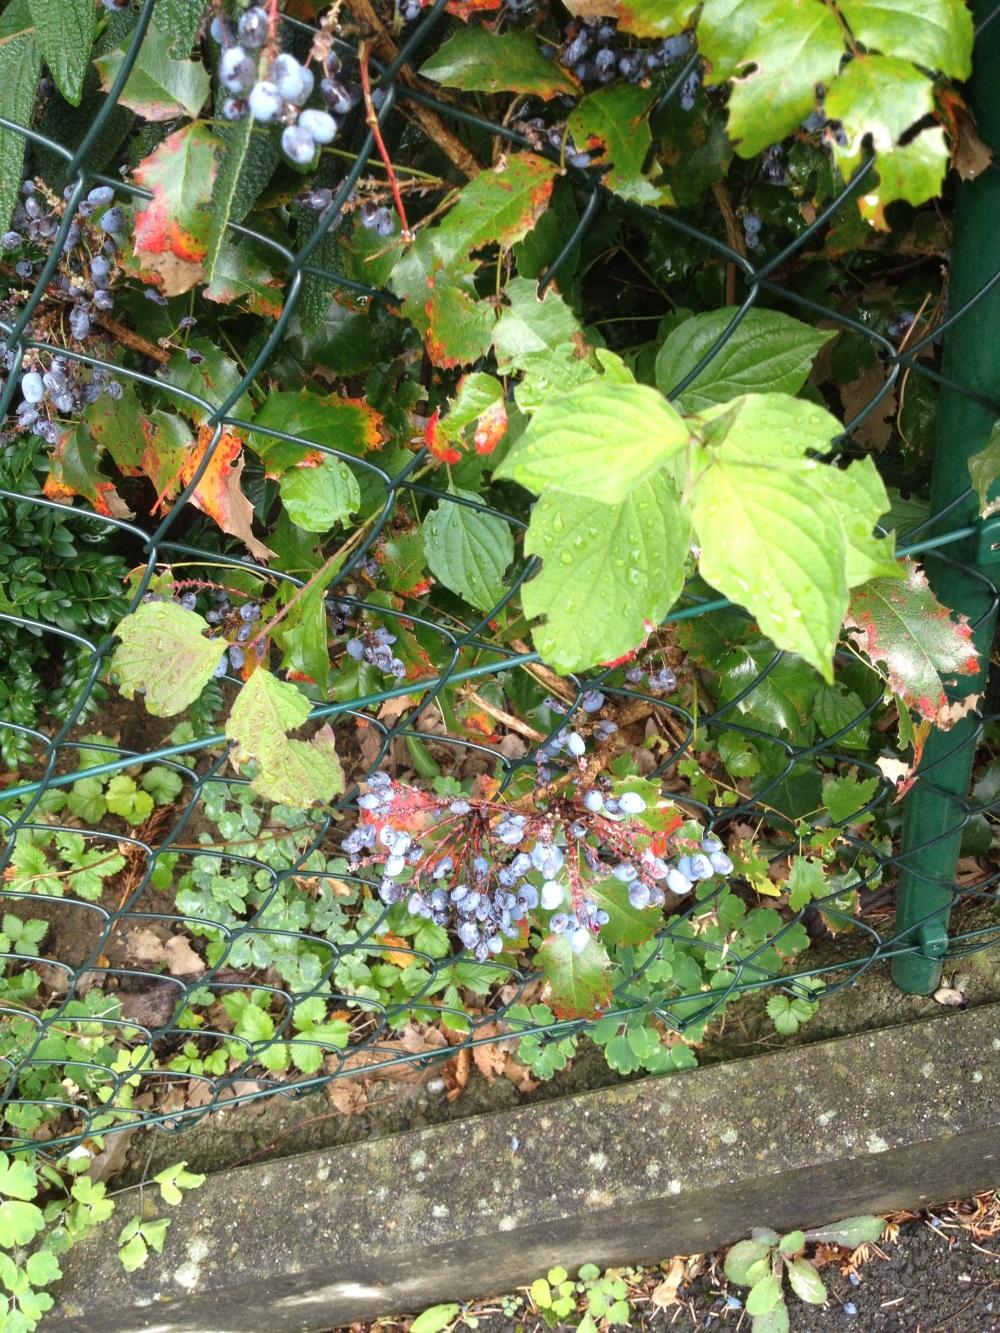 Sind diese Beeren giftig oder nicht?